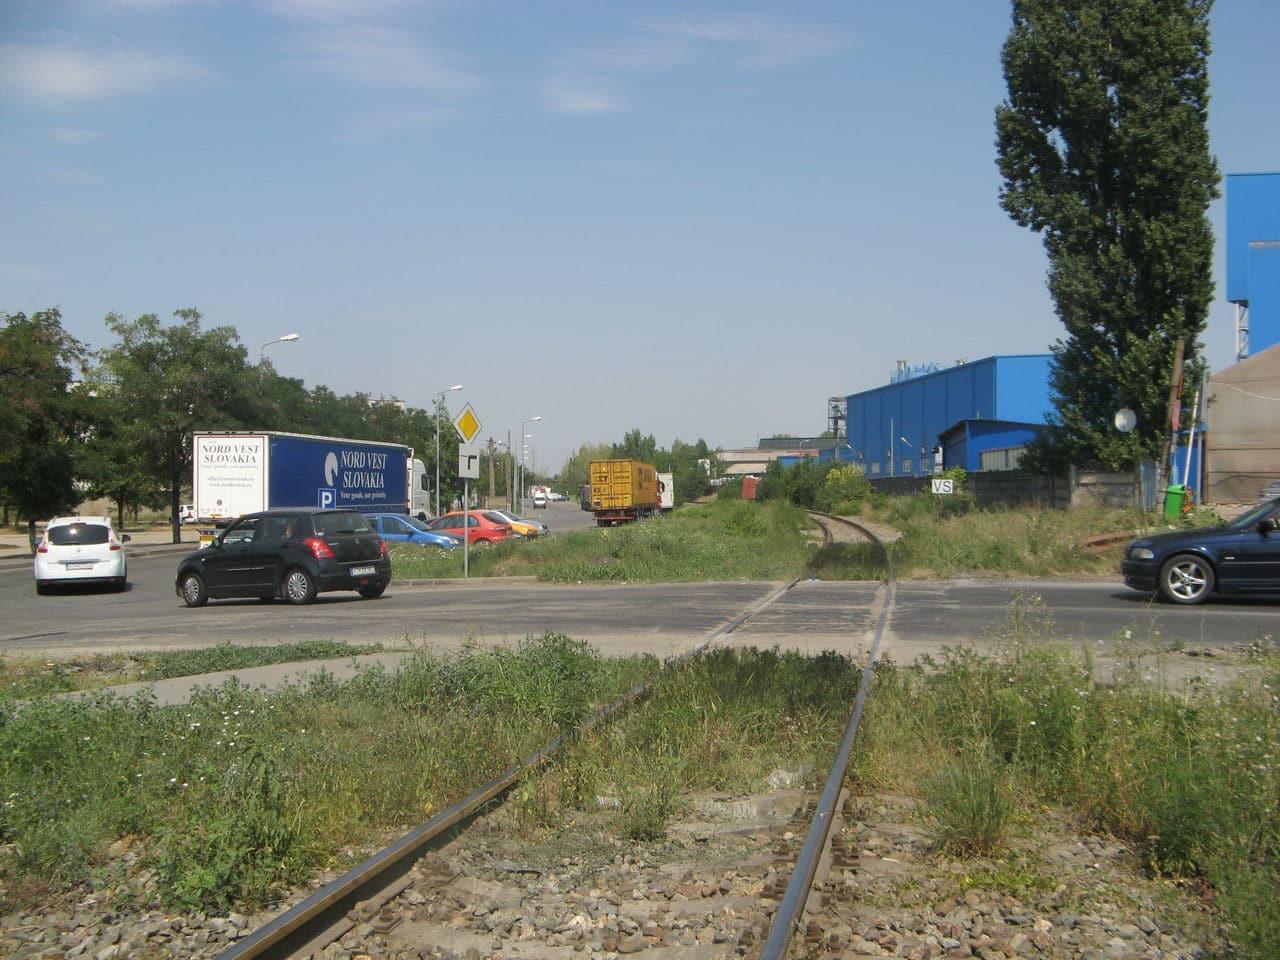 Calea ferată directă Oradea Vest - Episcopia Bihor IMG_0040